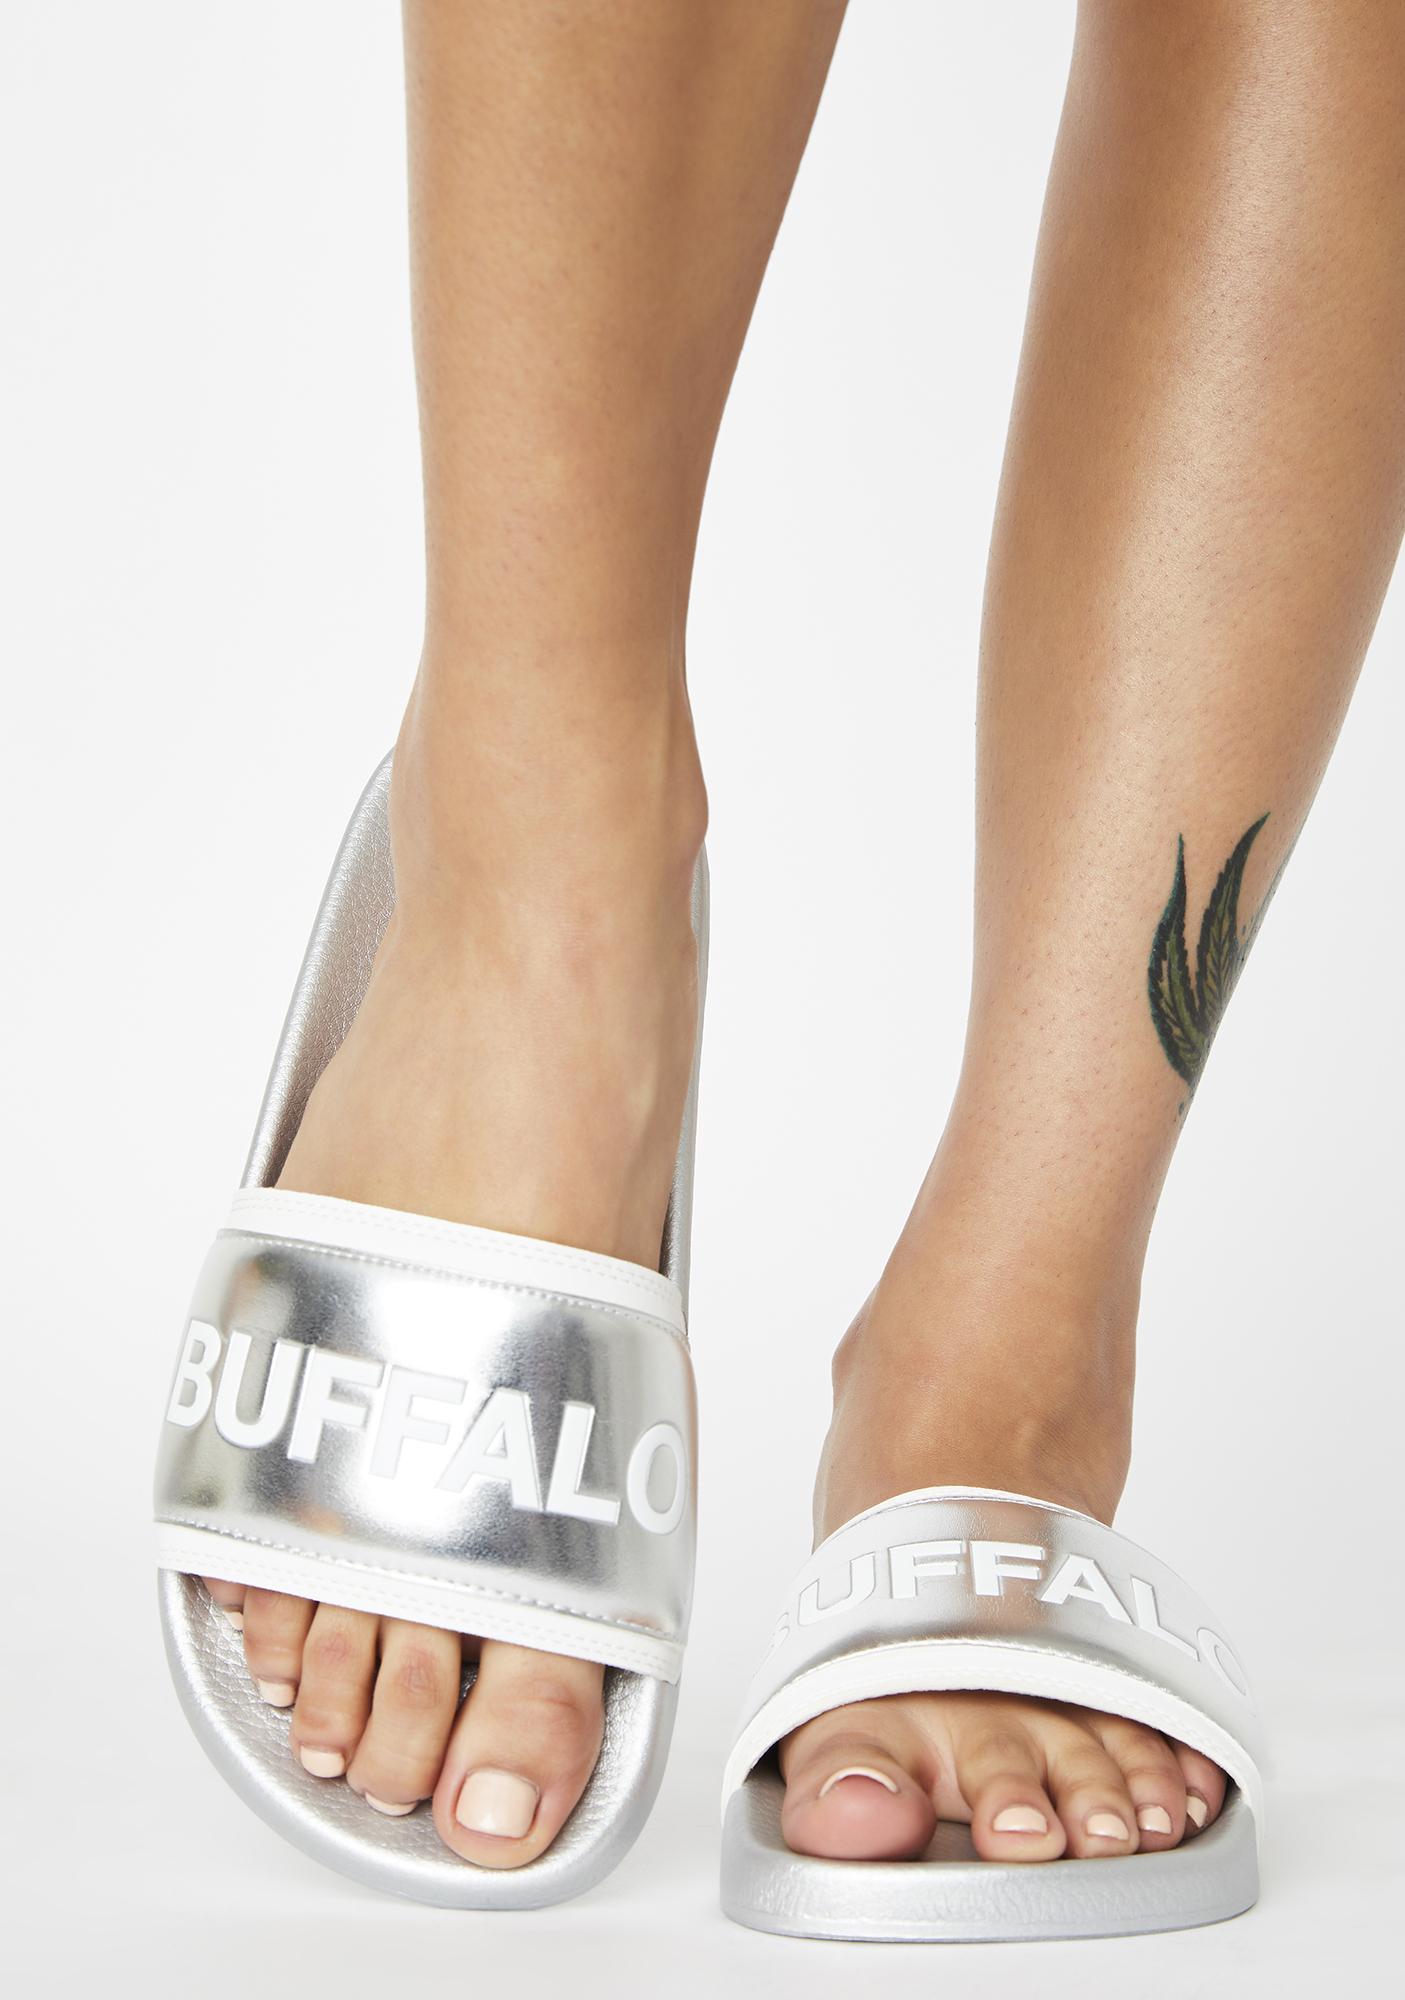 Buffalo Silver Jola Slides